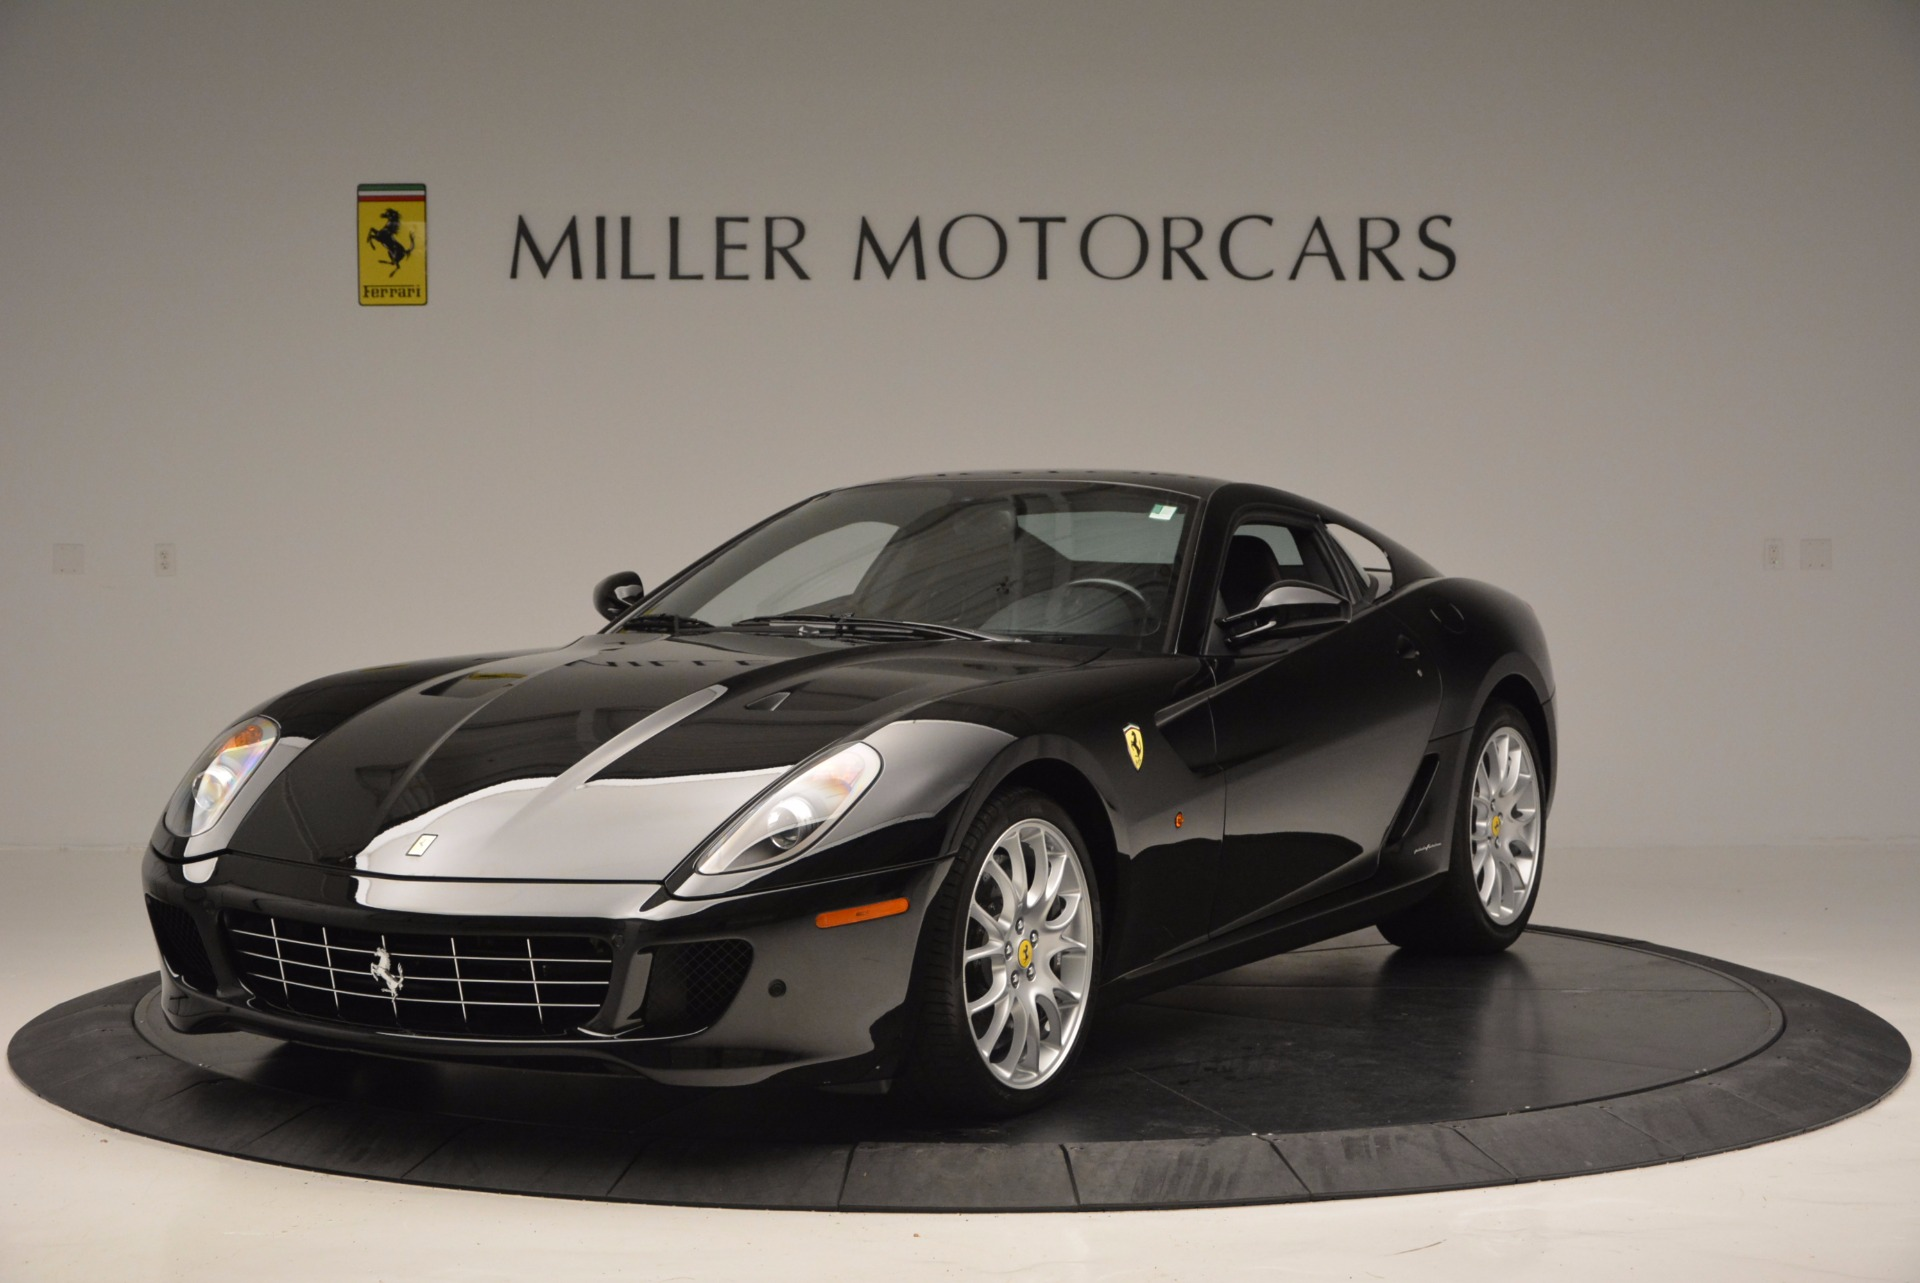 Used 2008 Ferrari 599 GTB Fiorano for sale Sold at Alfa Romeo of Westport in Westport CT 06880 1